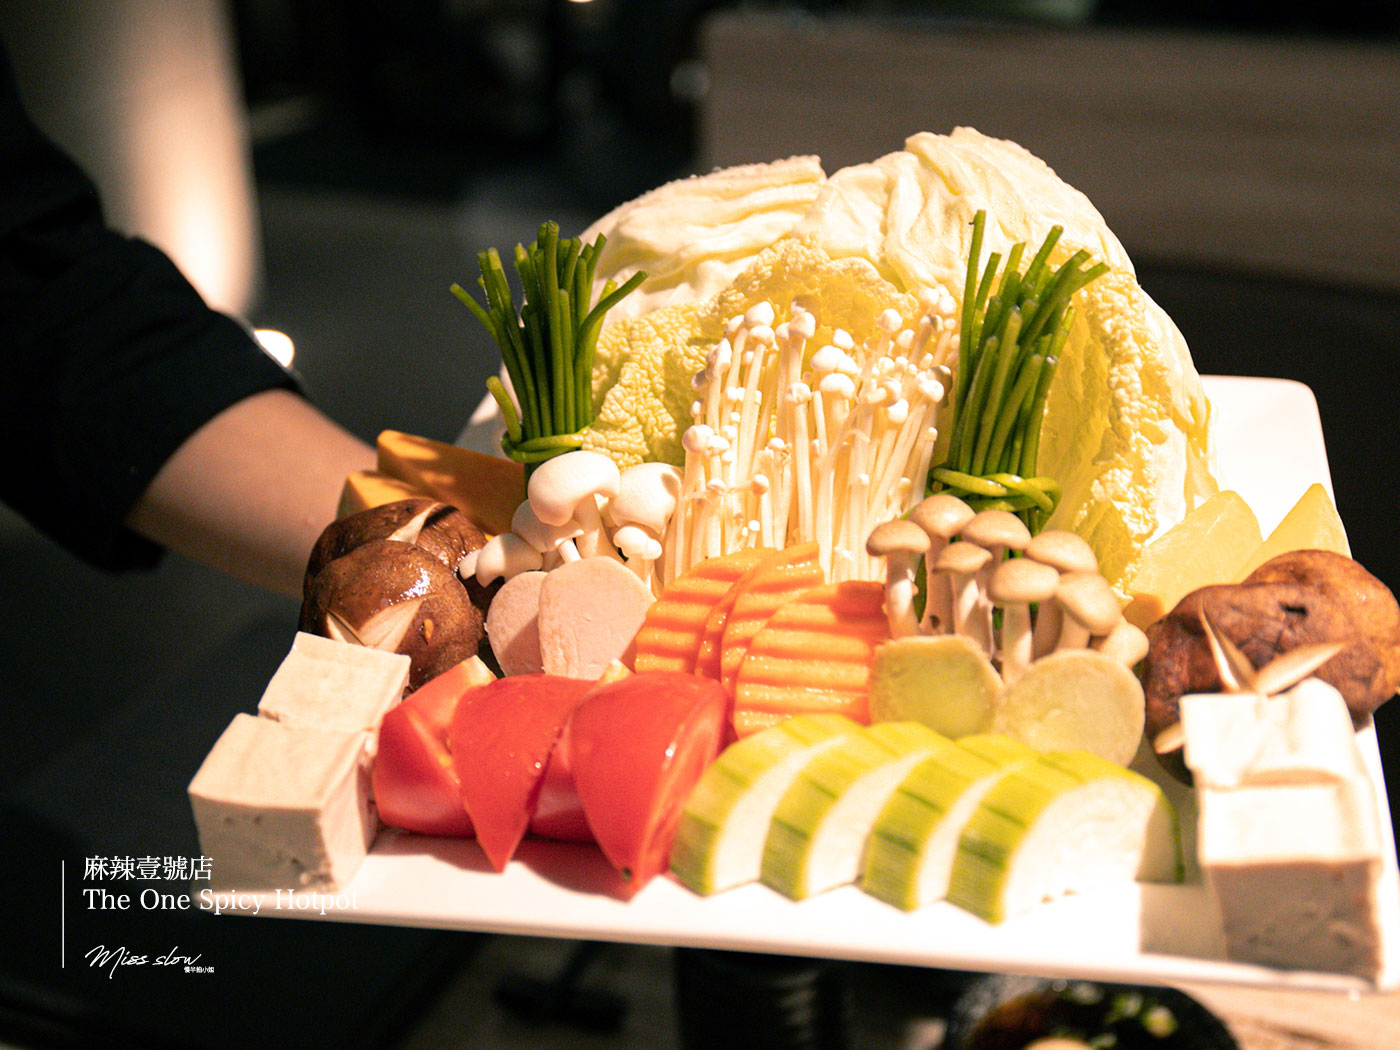 麻辣一號店店火鍋菜盤